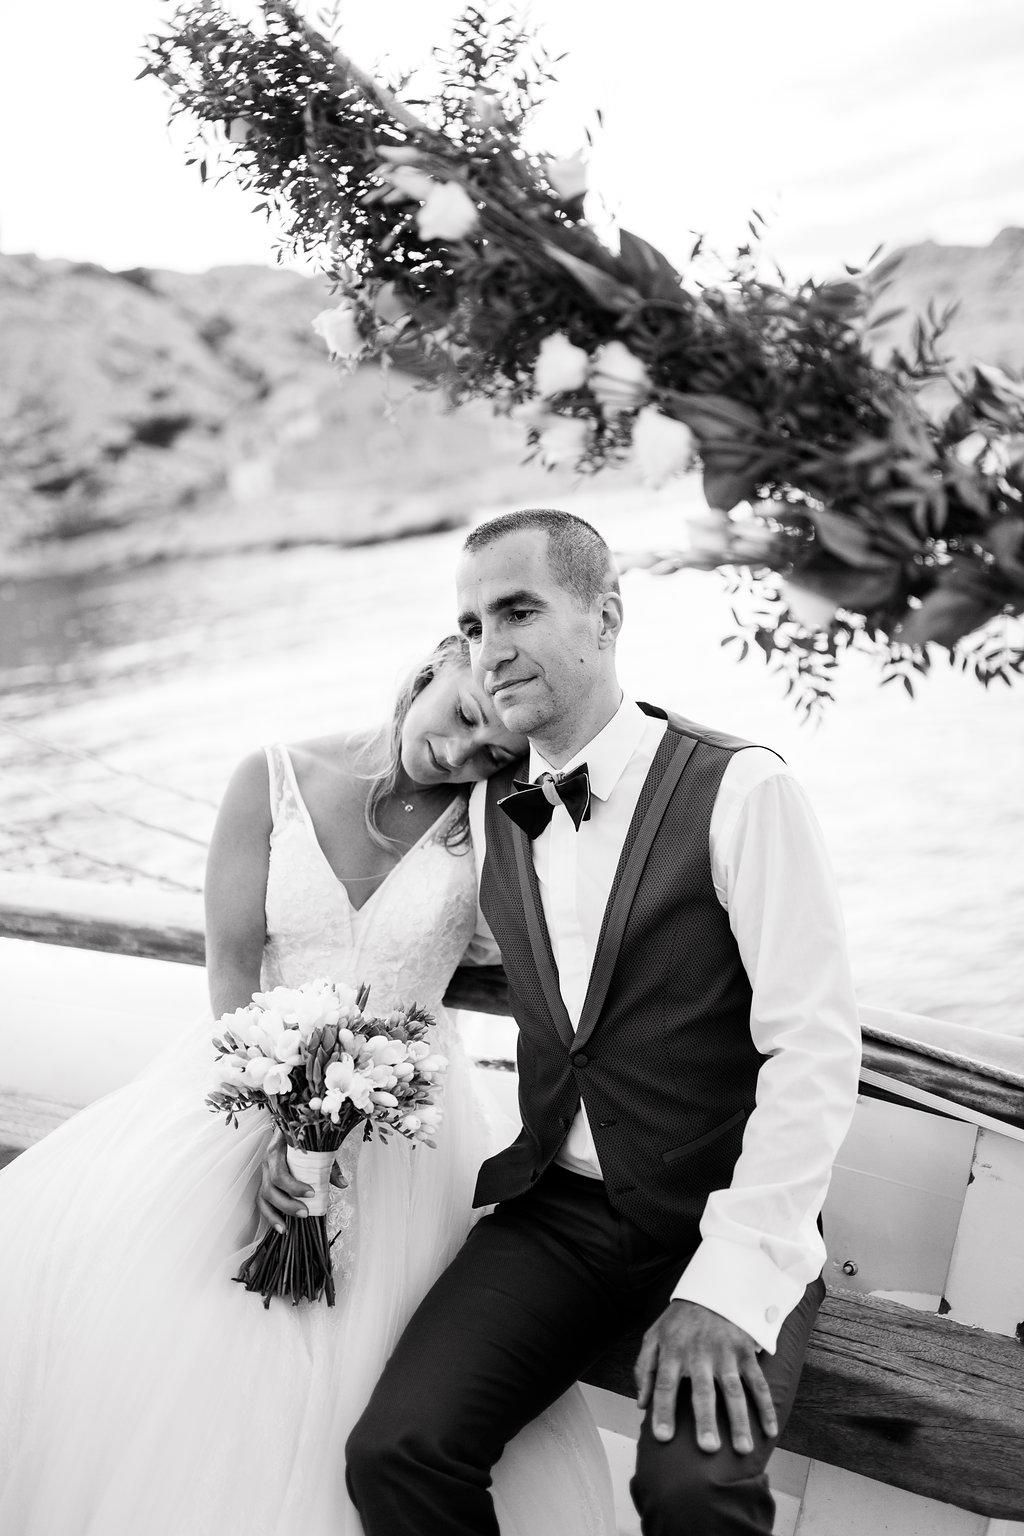 le coeur dans les etoiles - wedding planner - provence - sardaigne - shooting inspiration - mariage voilier - audrey carnoy - photo couple 6